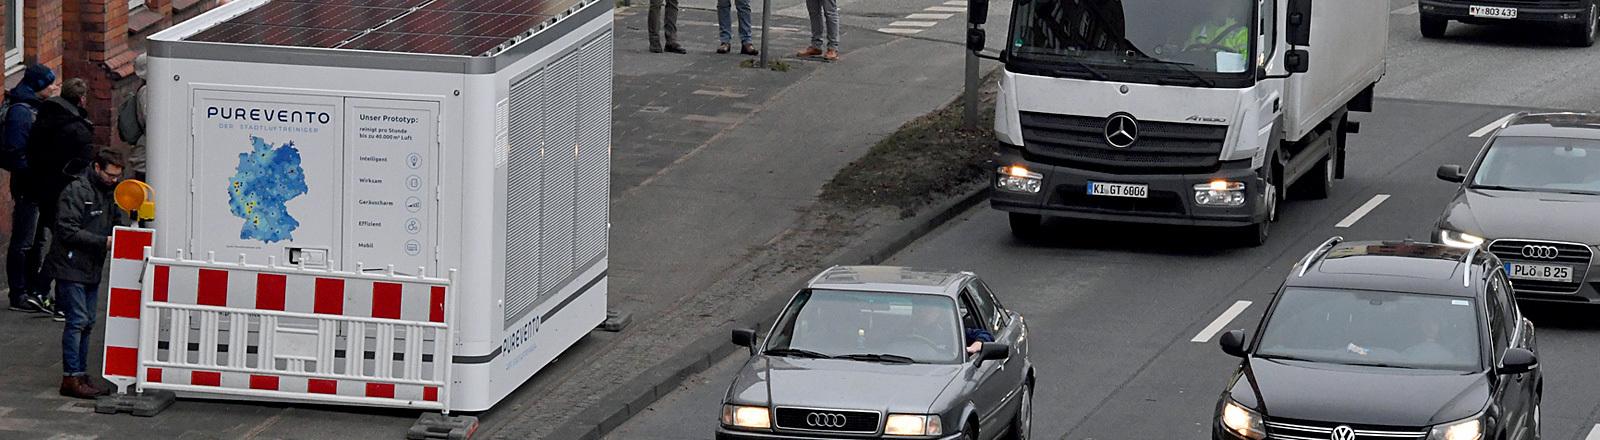 Schleswig-Holstein, Kiel: Der Prototyp eines Purevento Stadtluftreinigers steht an dem Theodor-Heuss-Ring (B76) in Sichtweite einer Luftmessstation. Hier wurde das System erstmals aufgestellt und soll in zirka sechs Wochen später im Reinigungsbetrieb getestet werden. Laut Hersteller kann das Gerät Feinstaub und Stickoxide aus der Luft filtern.